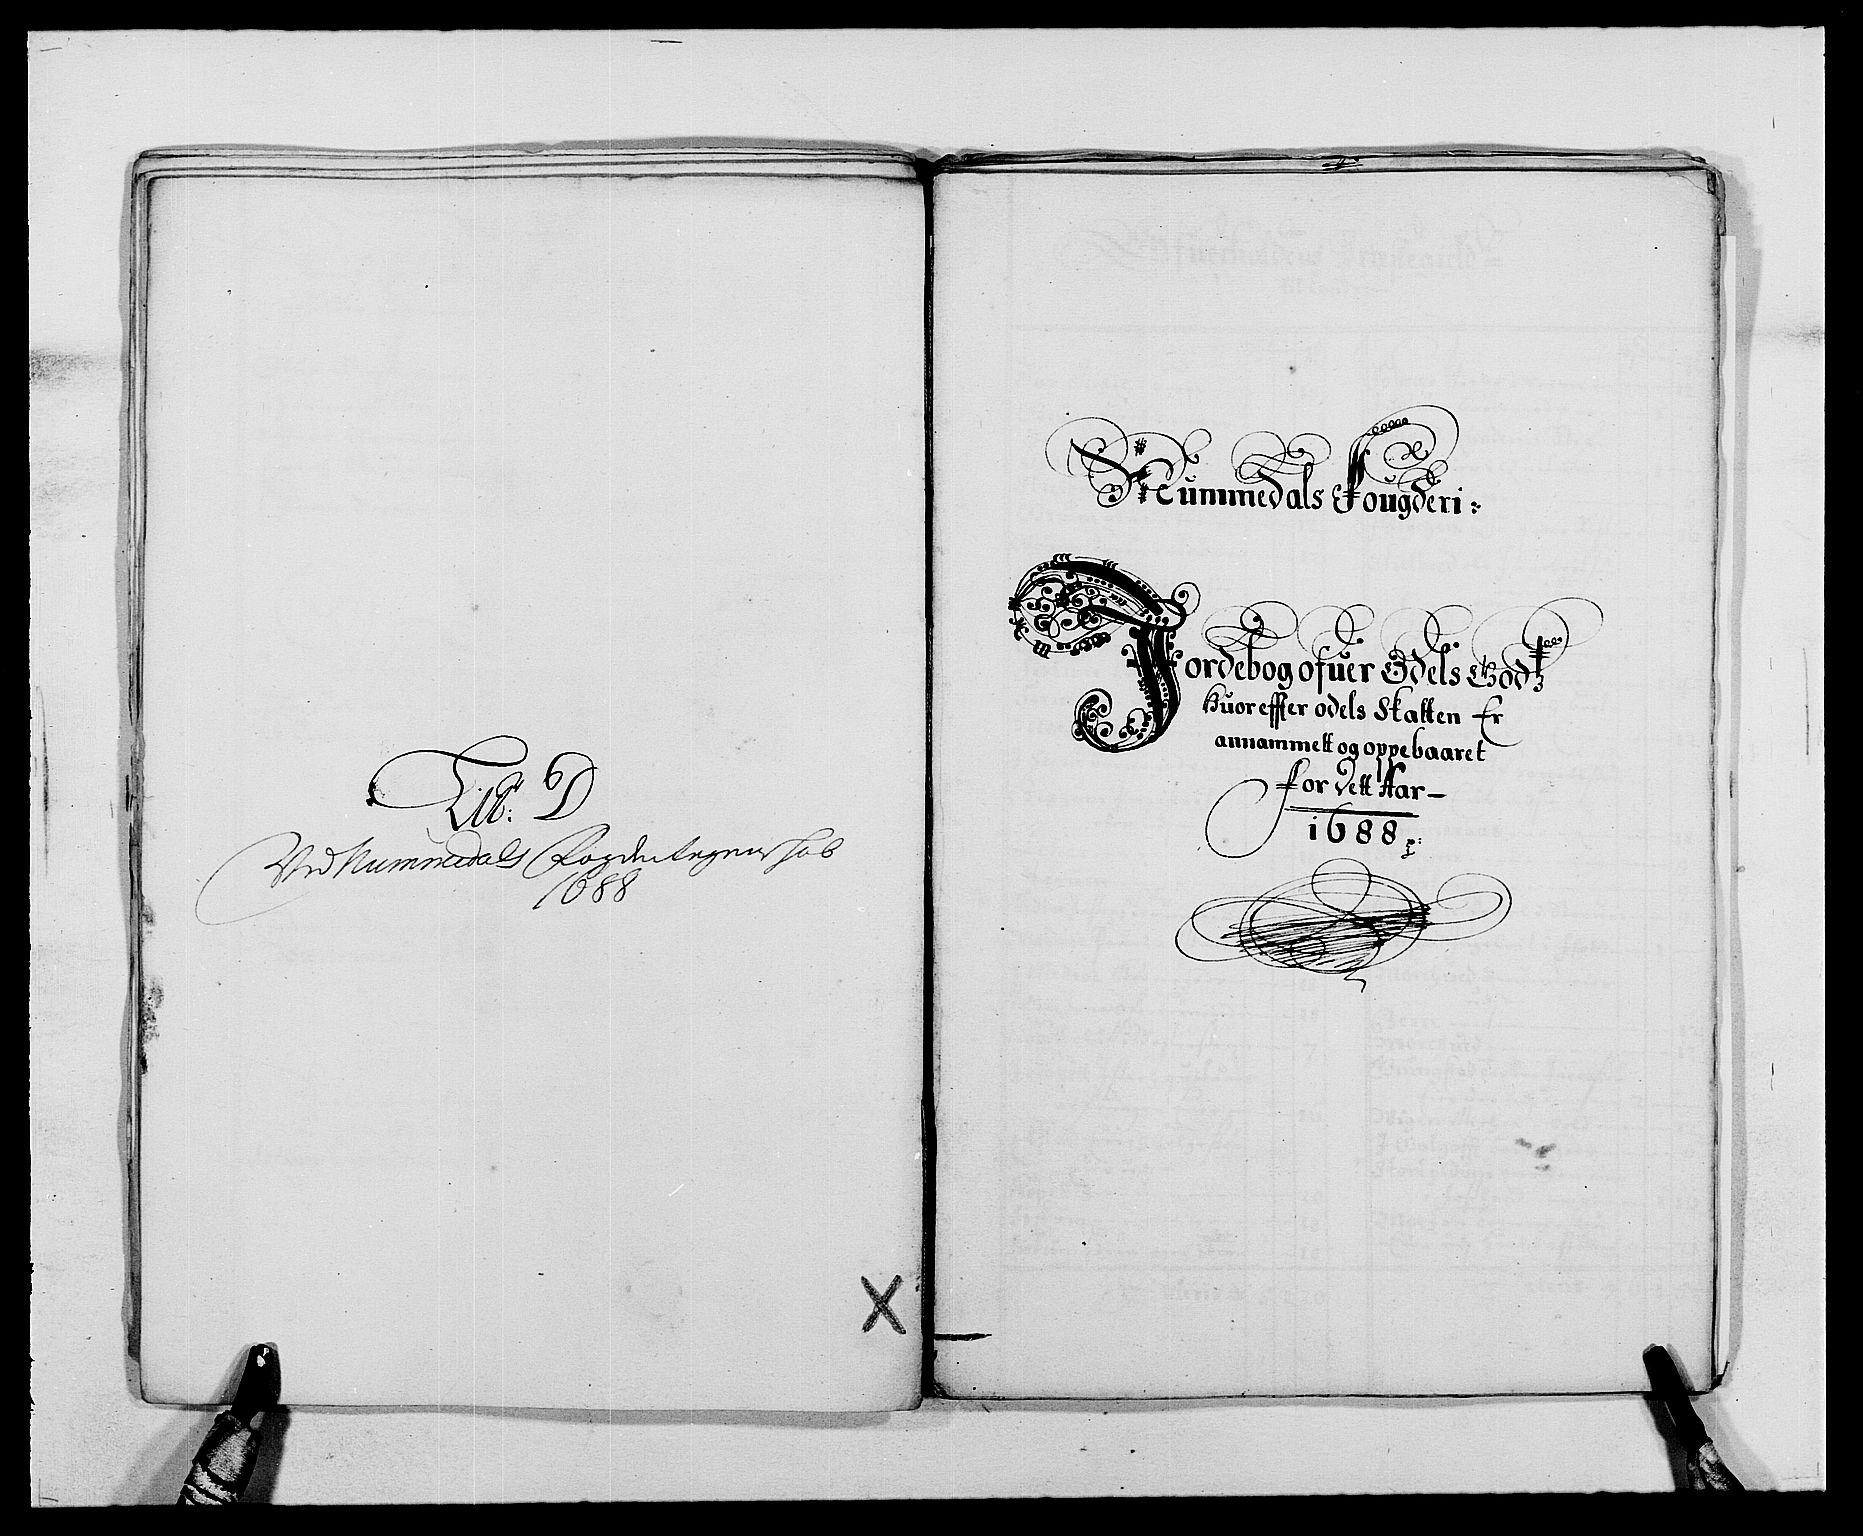 RA, Rentekammeret inntil 1814, Reviderte regnskaper, Fogderegnskap, R64/L4422: Fogderegnskap Namdal, 1687-1689, s. 113